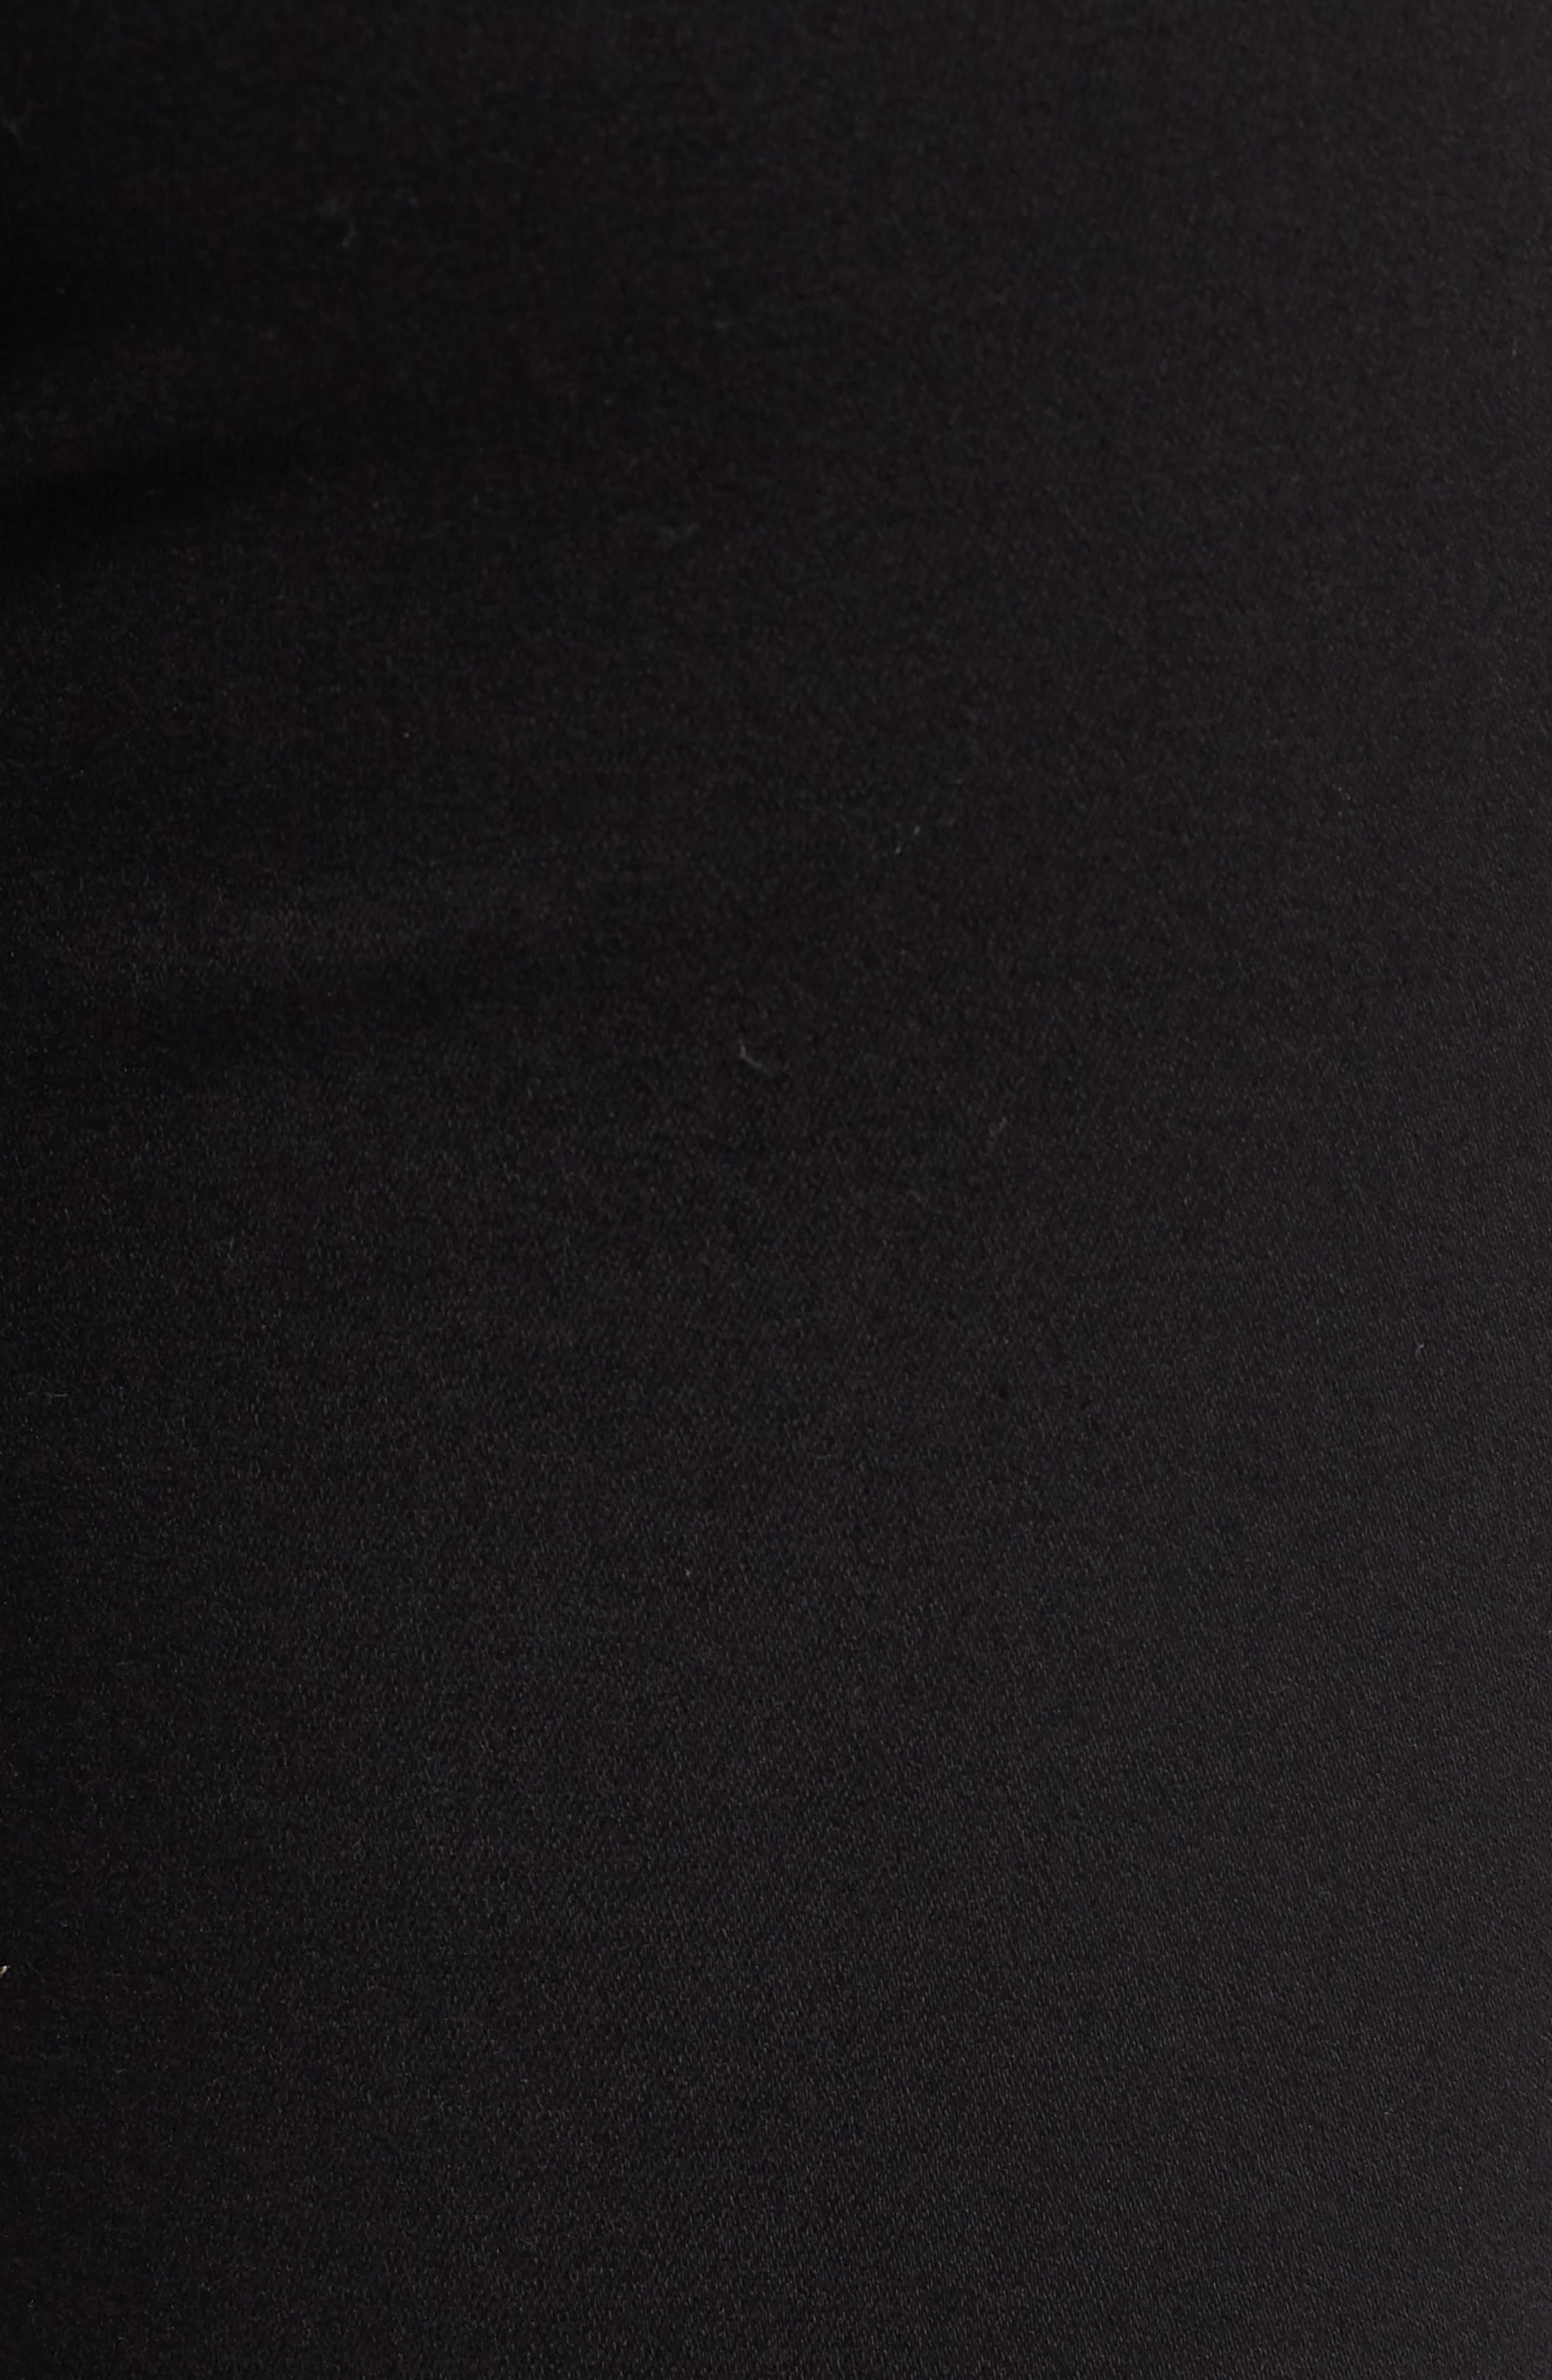 TOPSHOP, MOTO Joni Ripped Skinny Jeans, Alternate thumbnail 6, color, 001